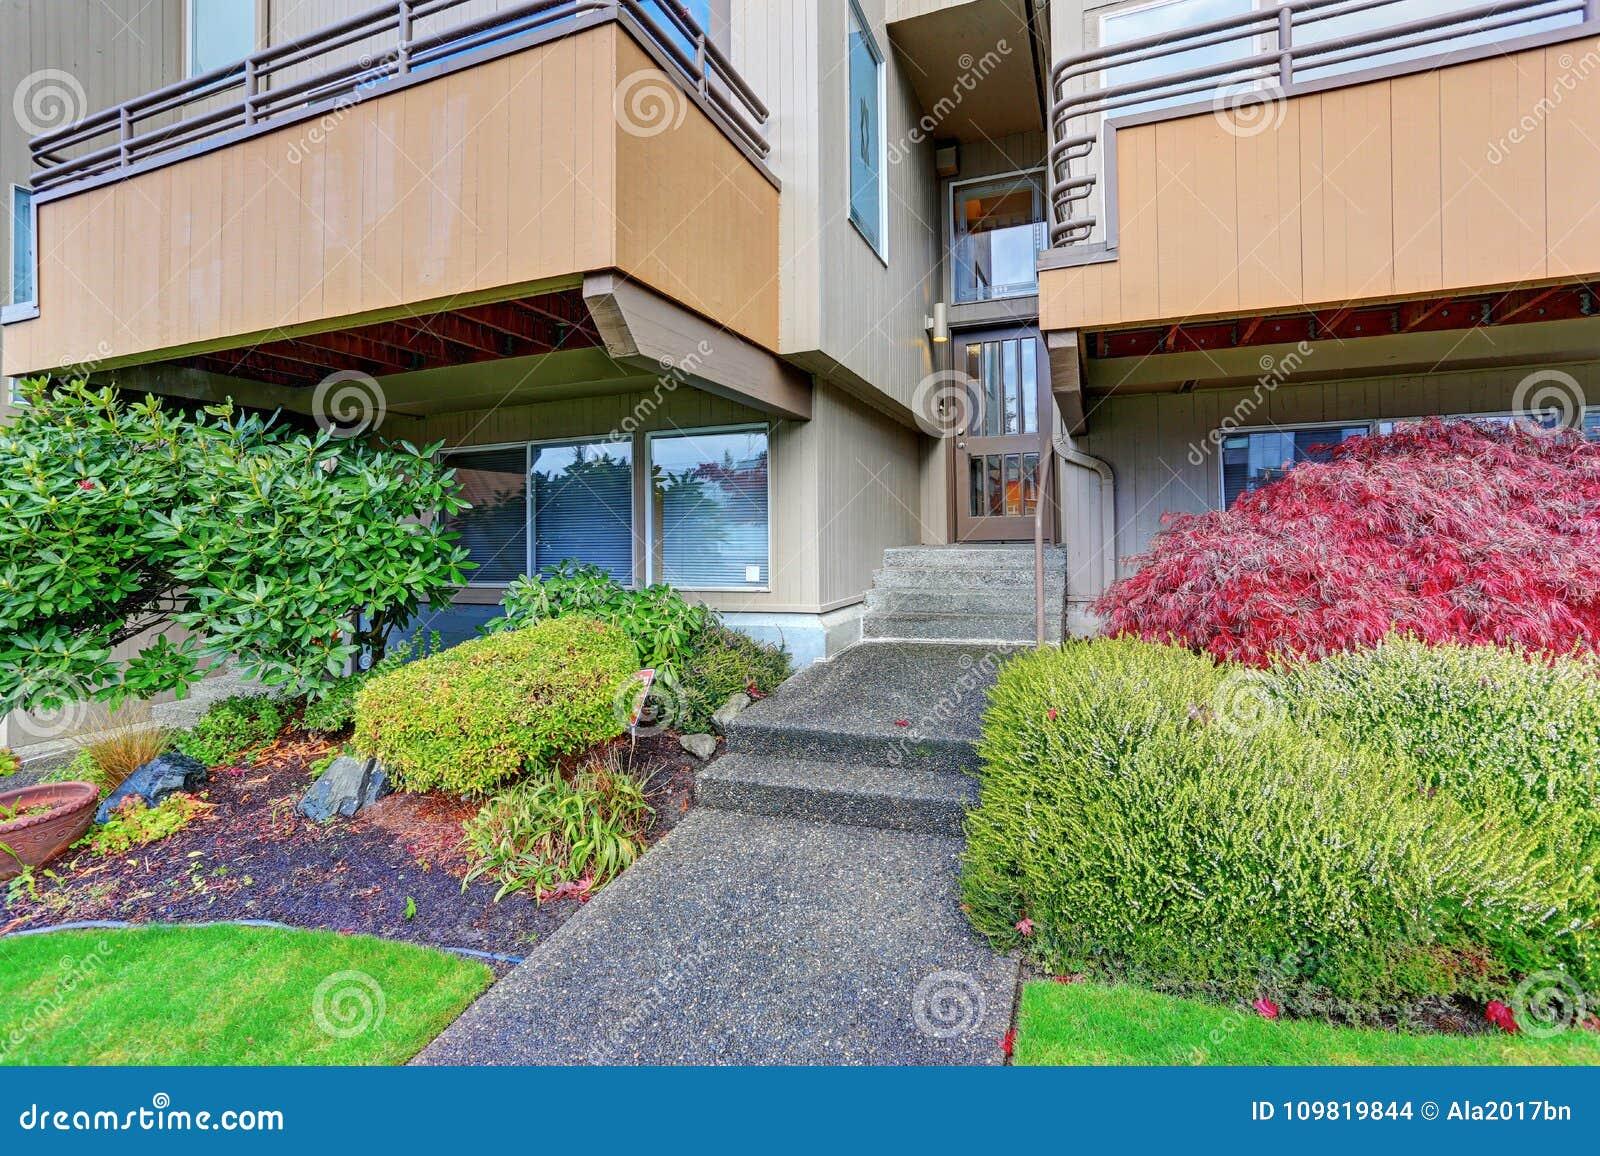 Entrada de una construcción de viviendas con pasos concretos